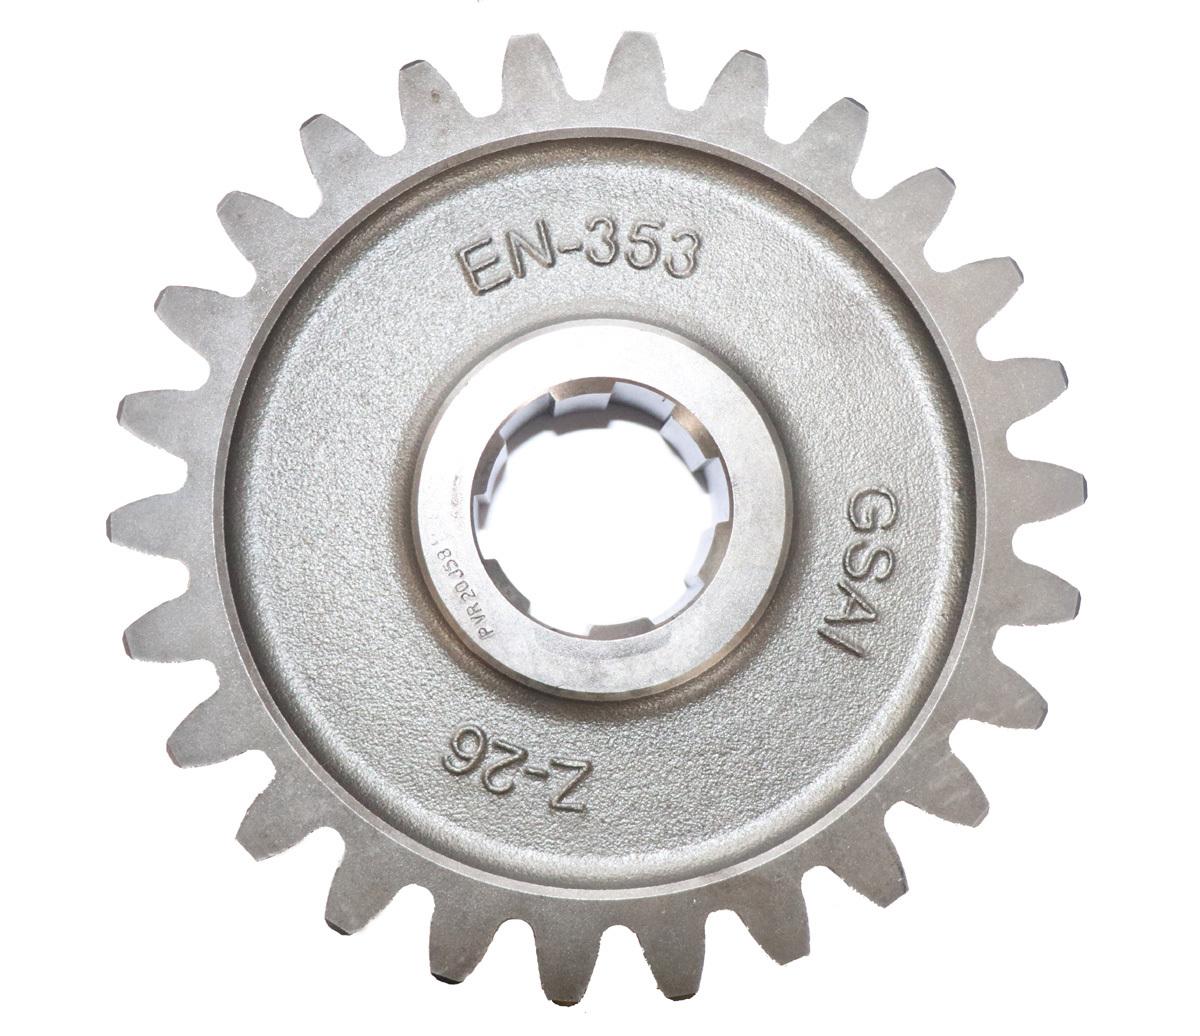 Rotavator Side Gears